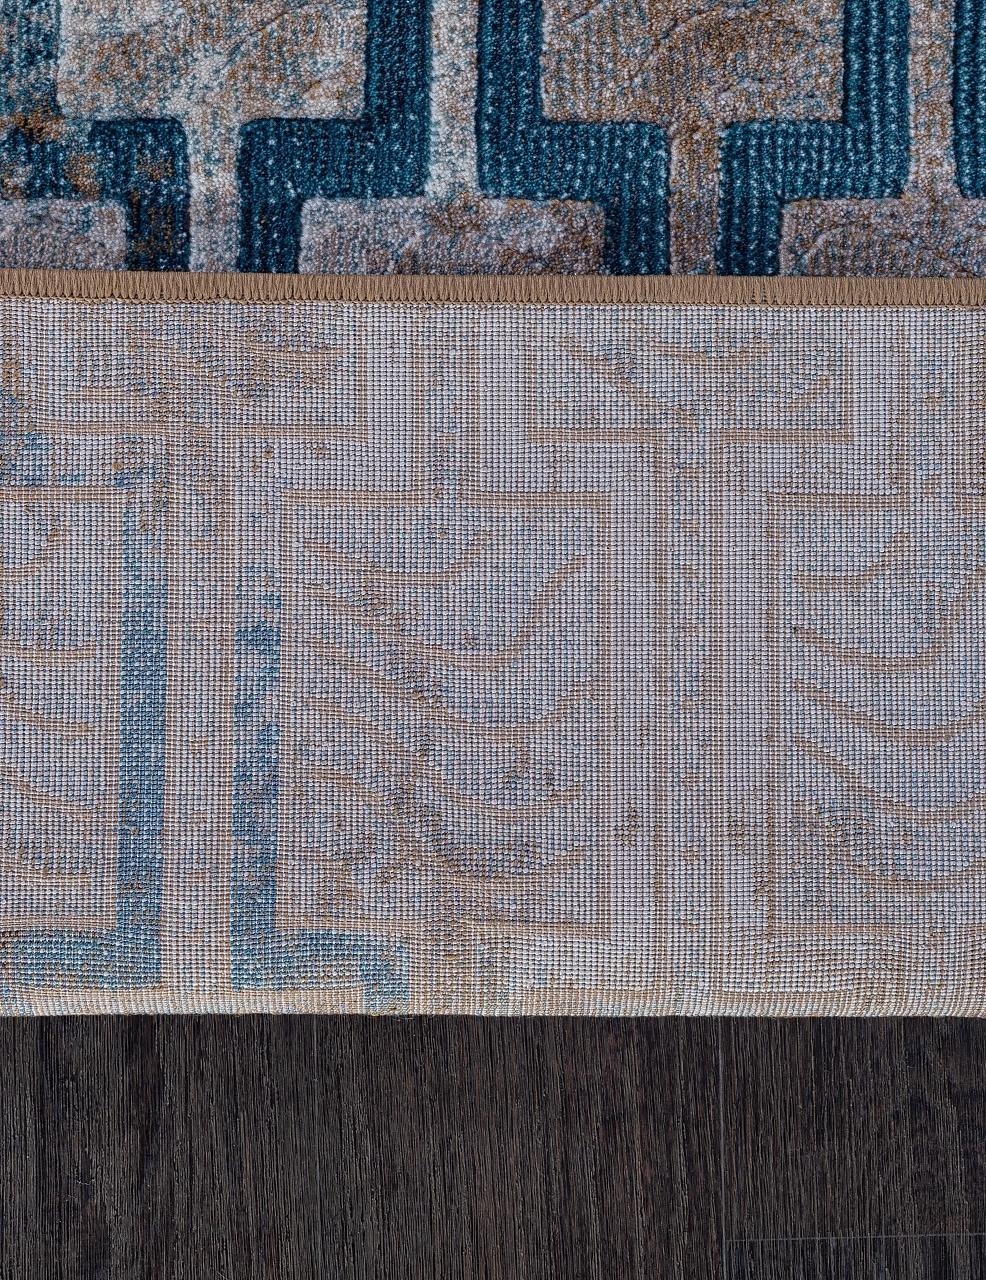 Ковер D591 - CREAM-BLUE - Прямоугольник - коллекция MATRIX - фото 5